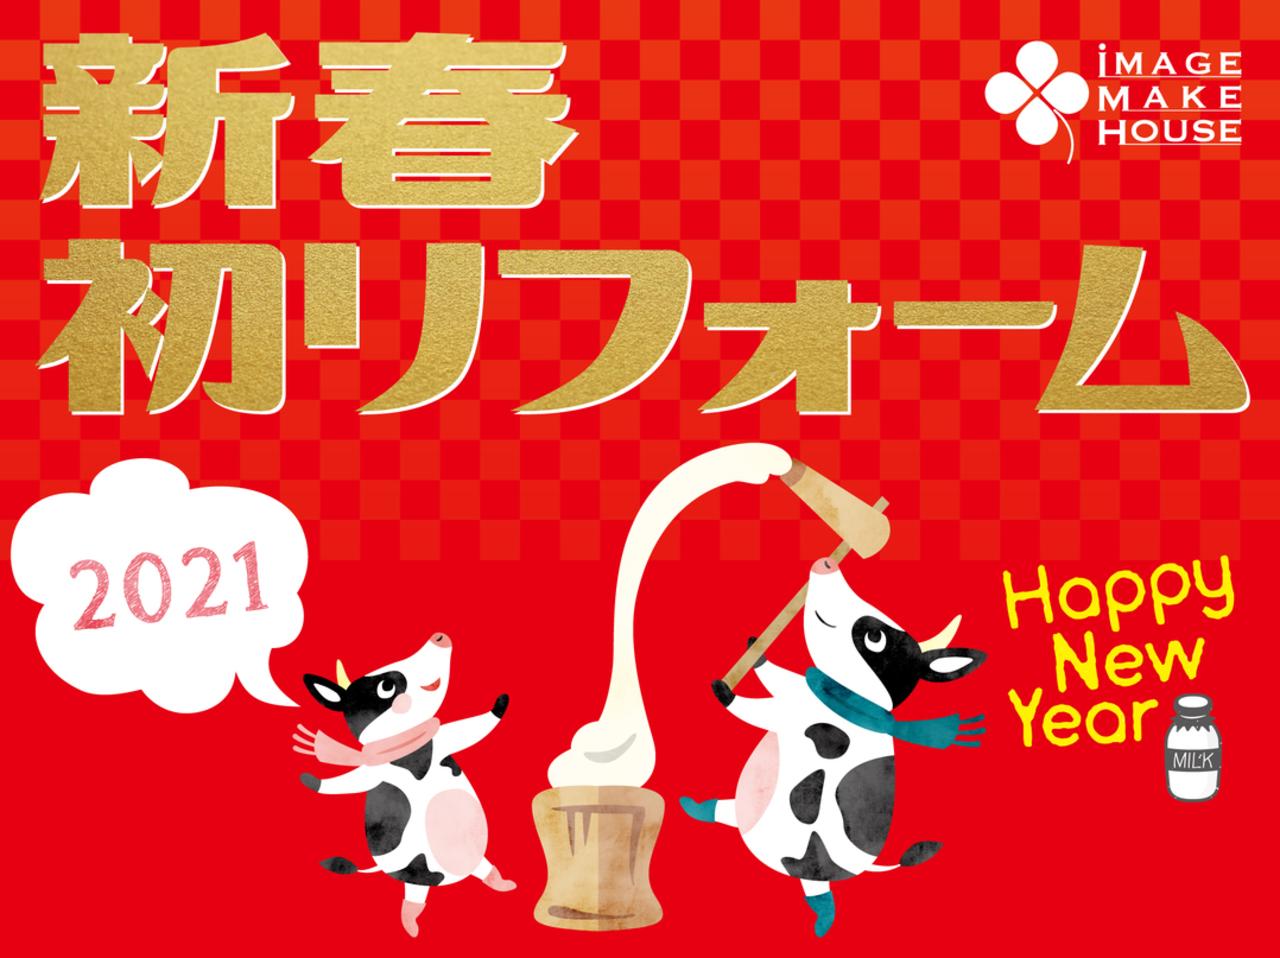 【リフォーム&増改築】新春初リフォーム2021 令和三年も宜しくお願いします。